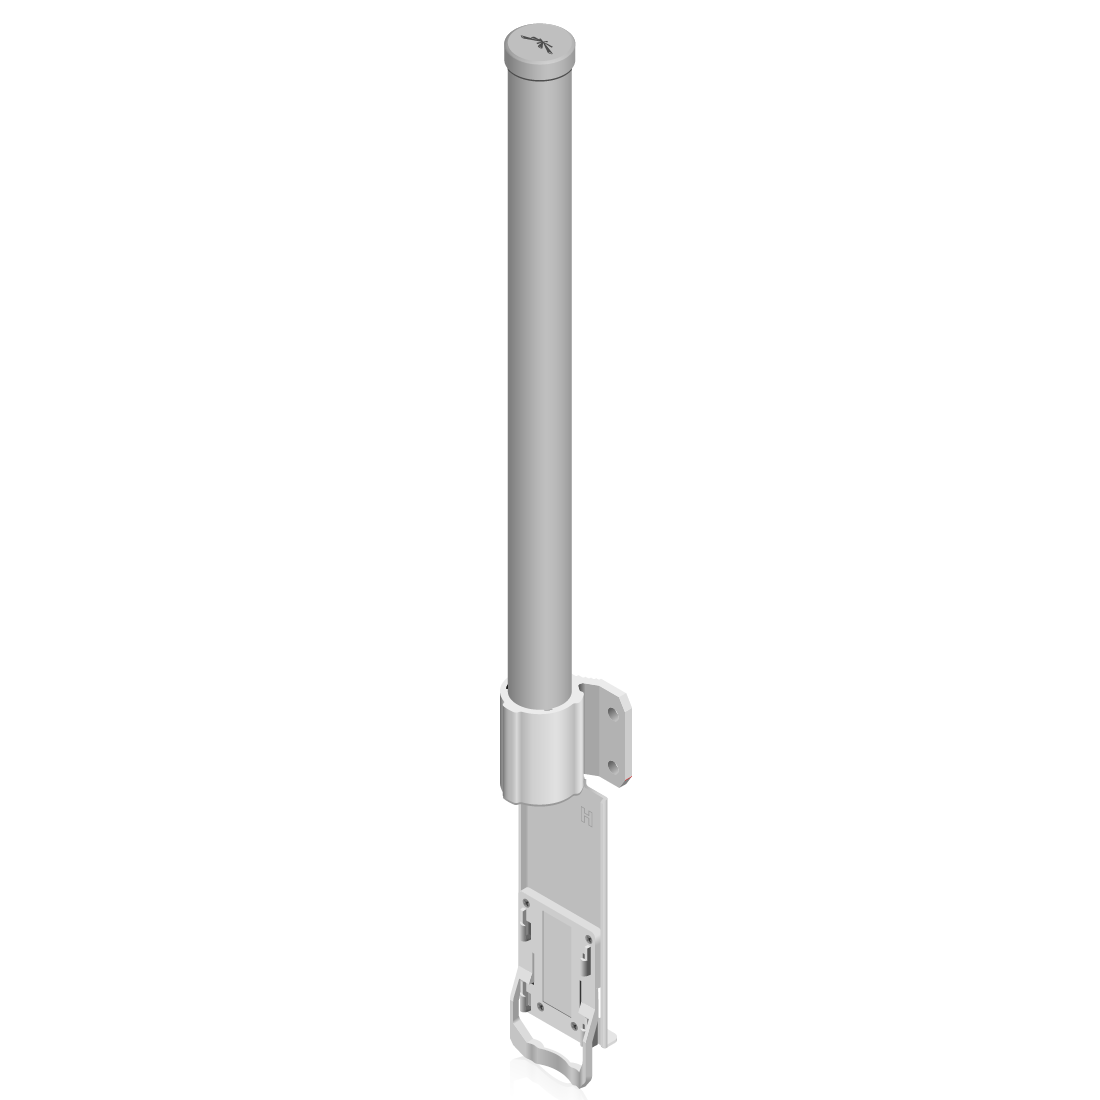 Антенны для WiFi оборудования купить в интернет магазине